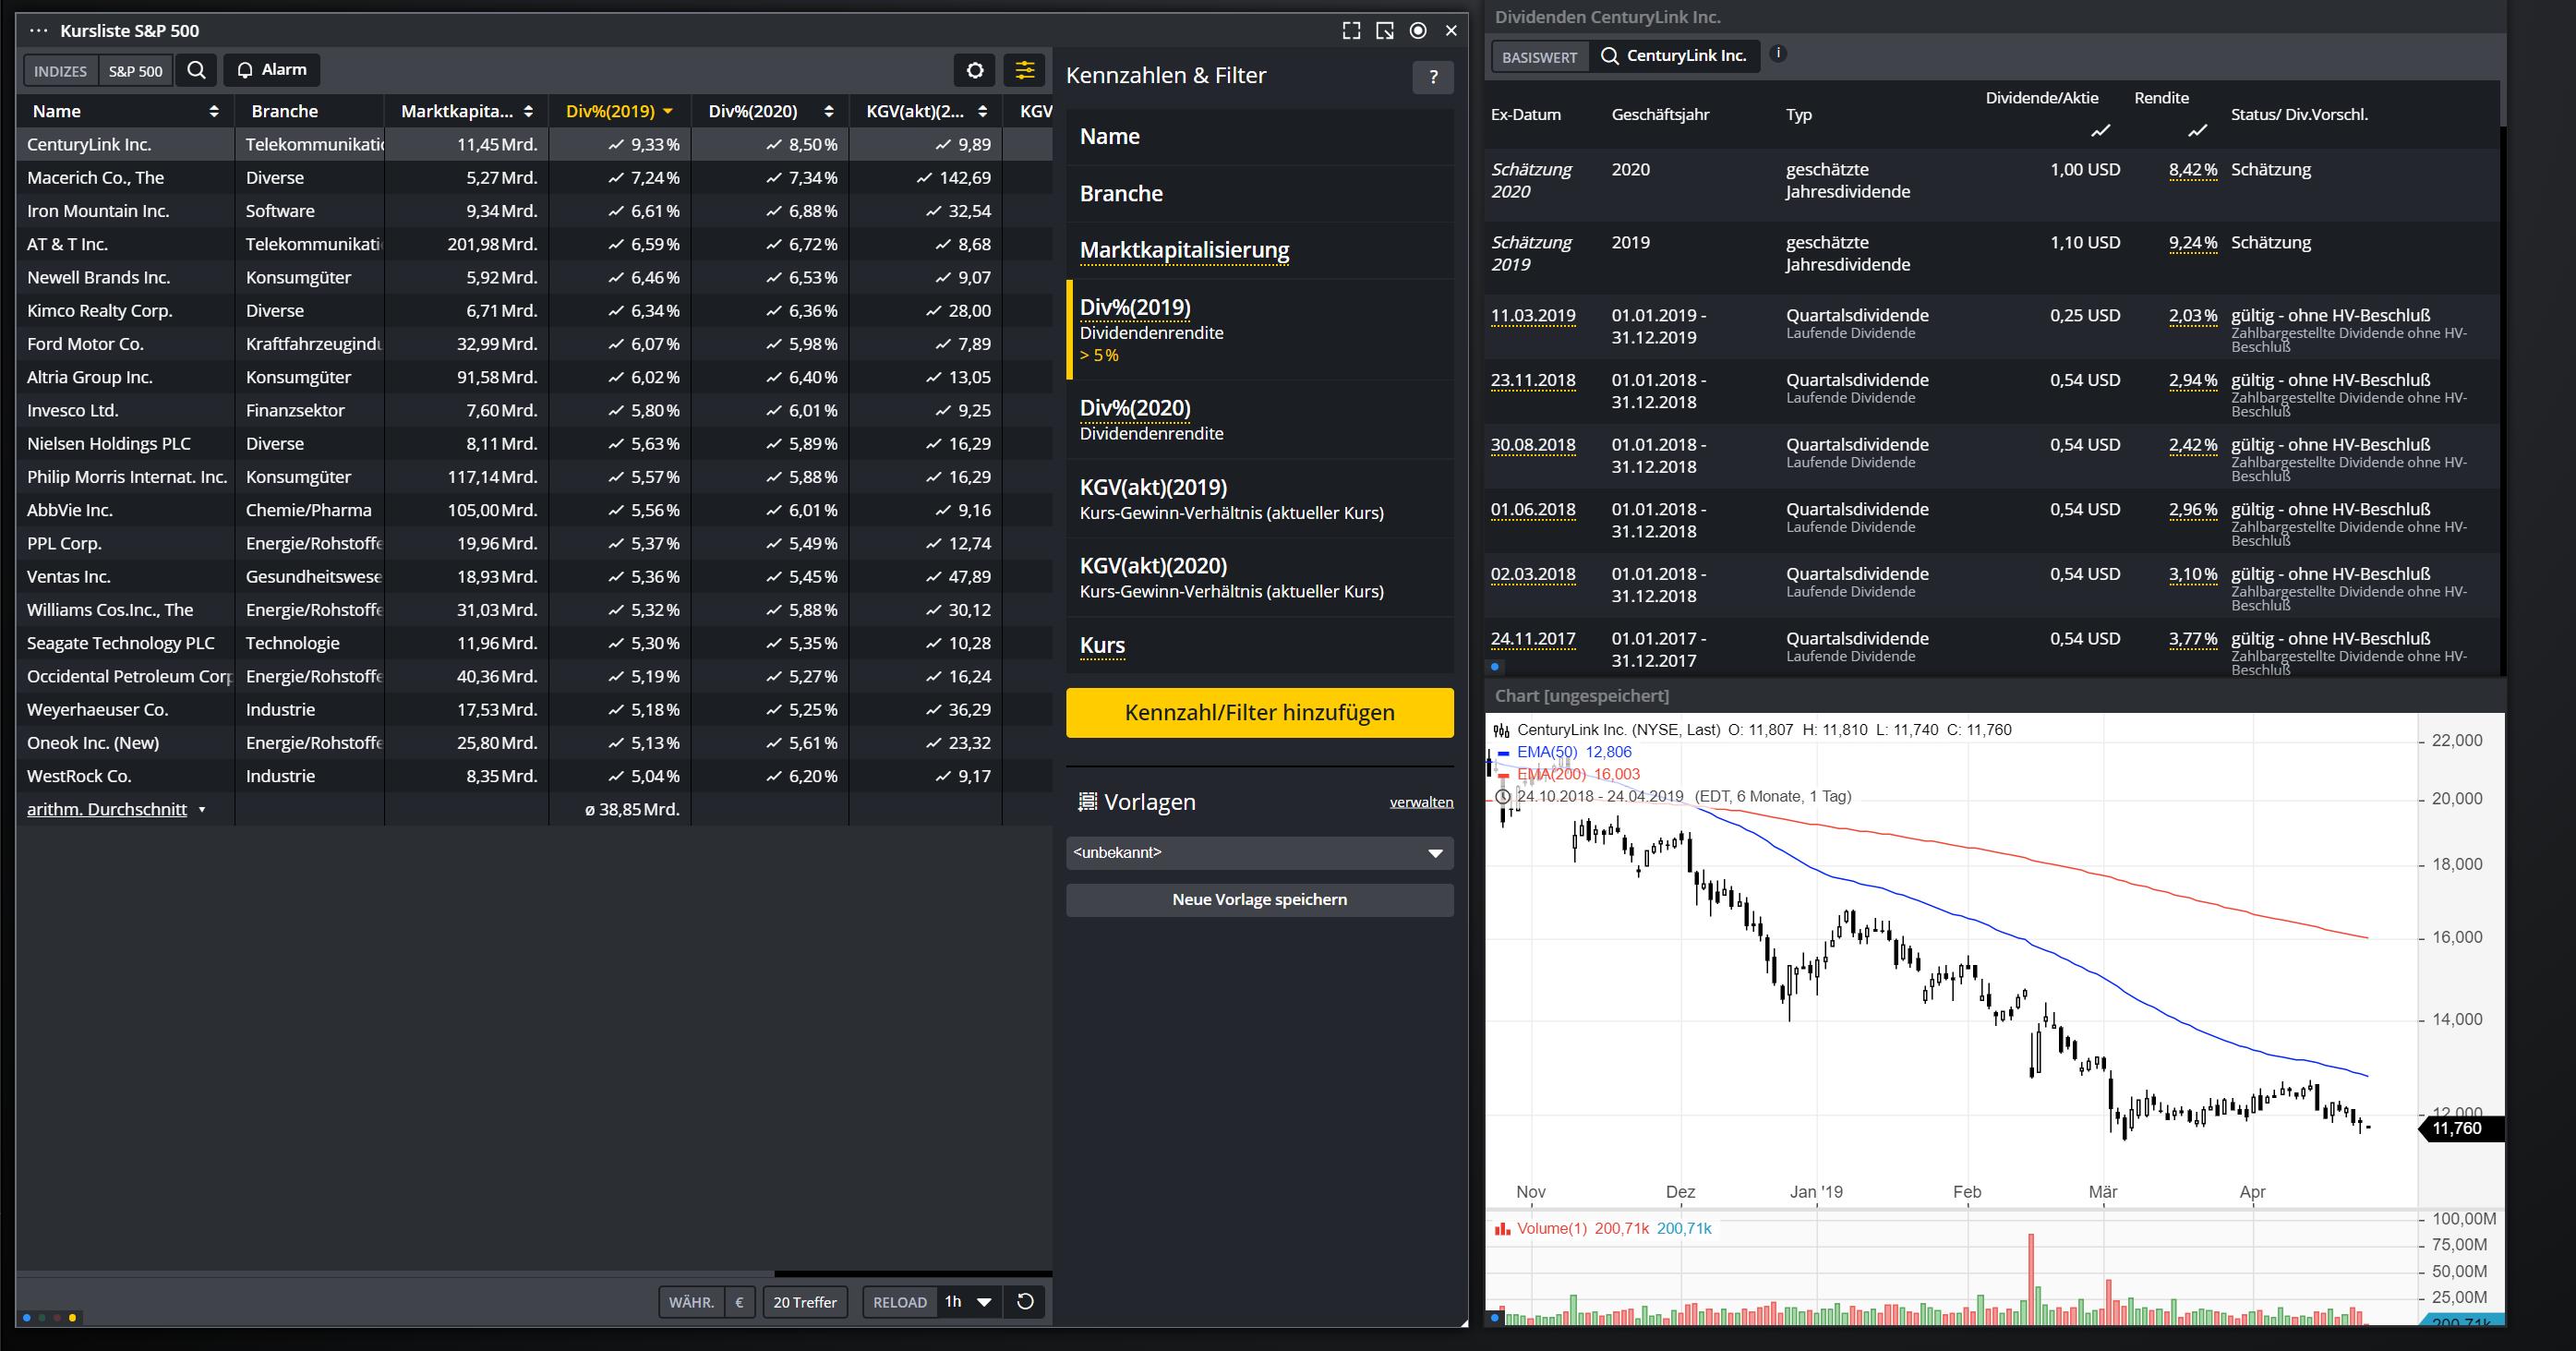 Dividenden-Aktien-USA-Das-sind-die-Stars-Chartanalyse-Daniel-Kühn-GodmodeTrader.de-1